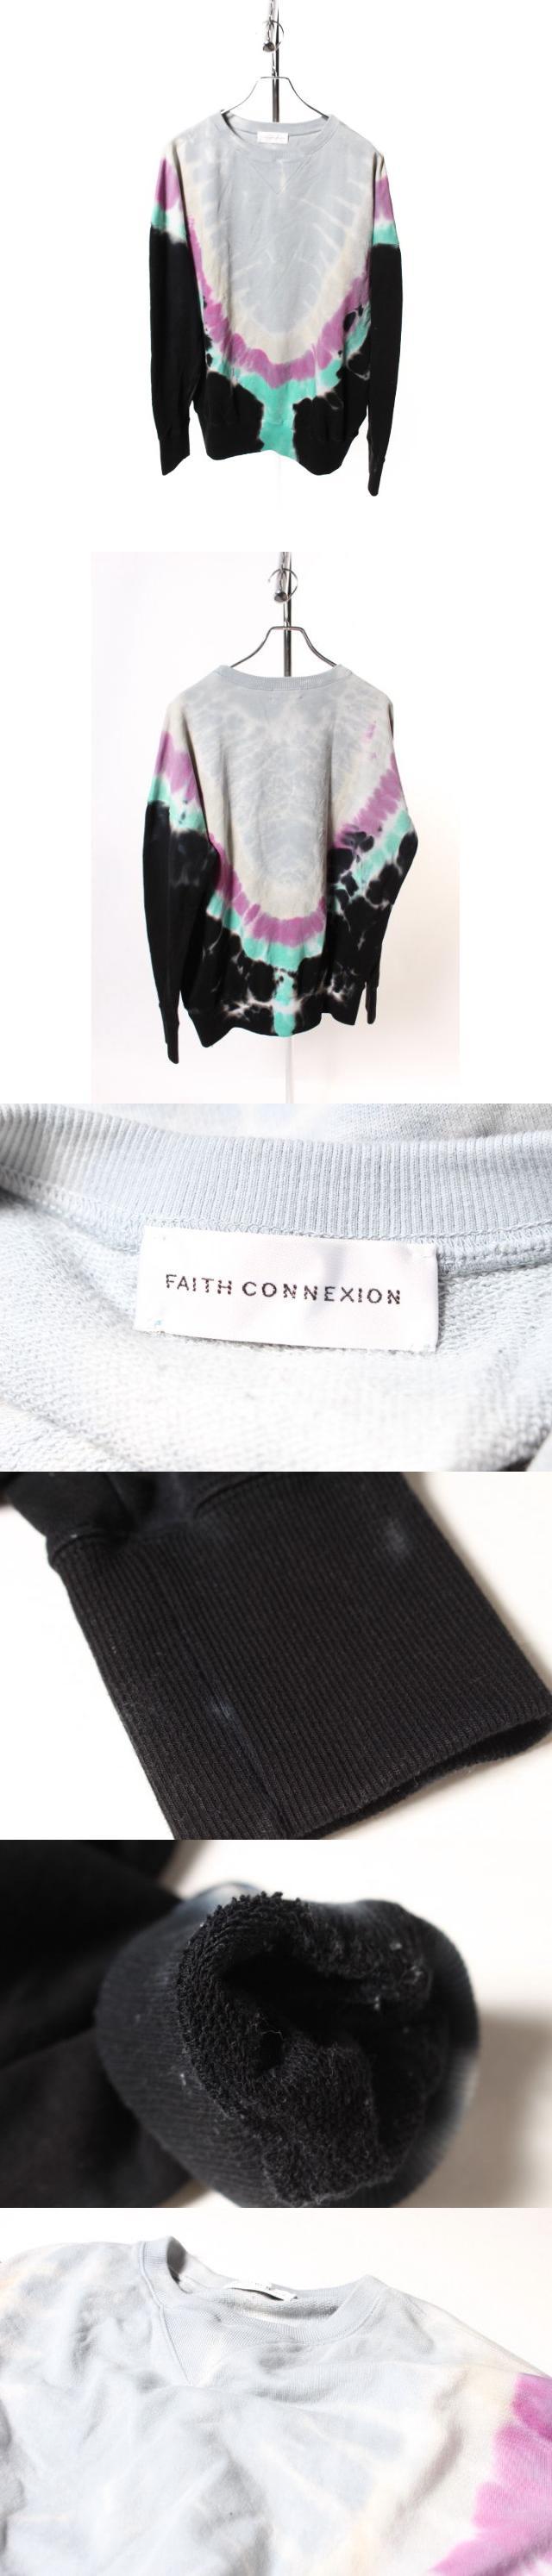 フェイスコネクション Faith Connexion TIE AND DYE スウェット 長袖 クルーネック 総柄 XS マルチ btm0518